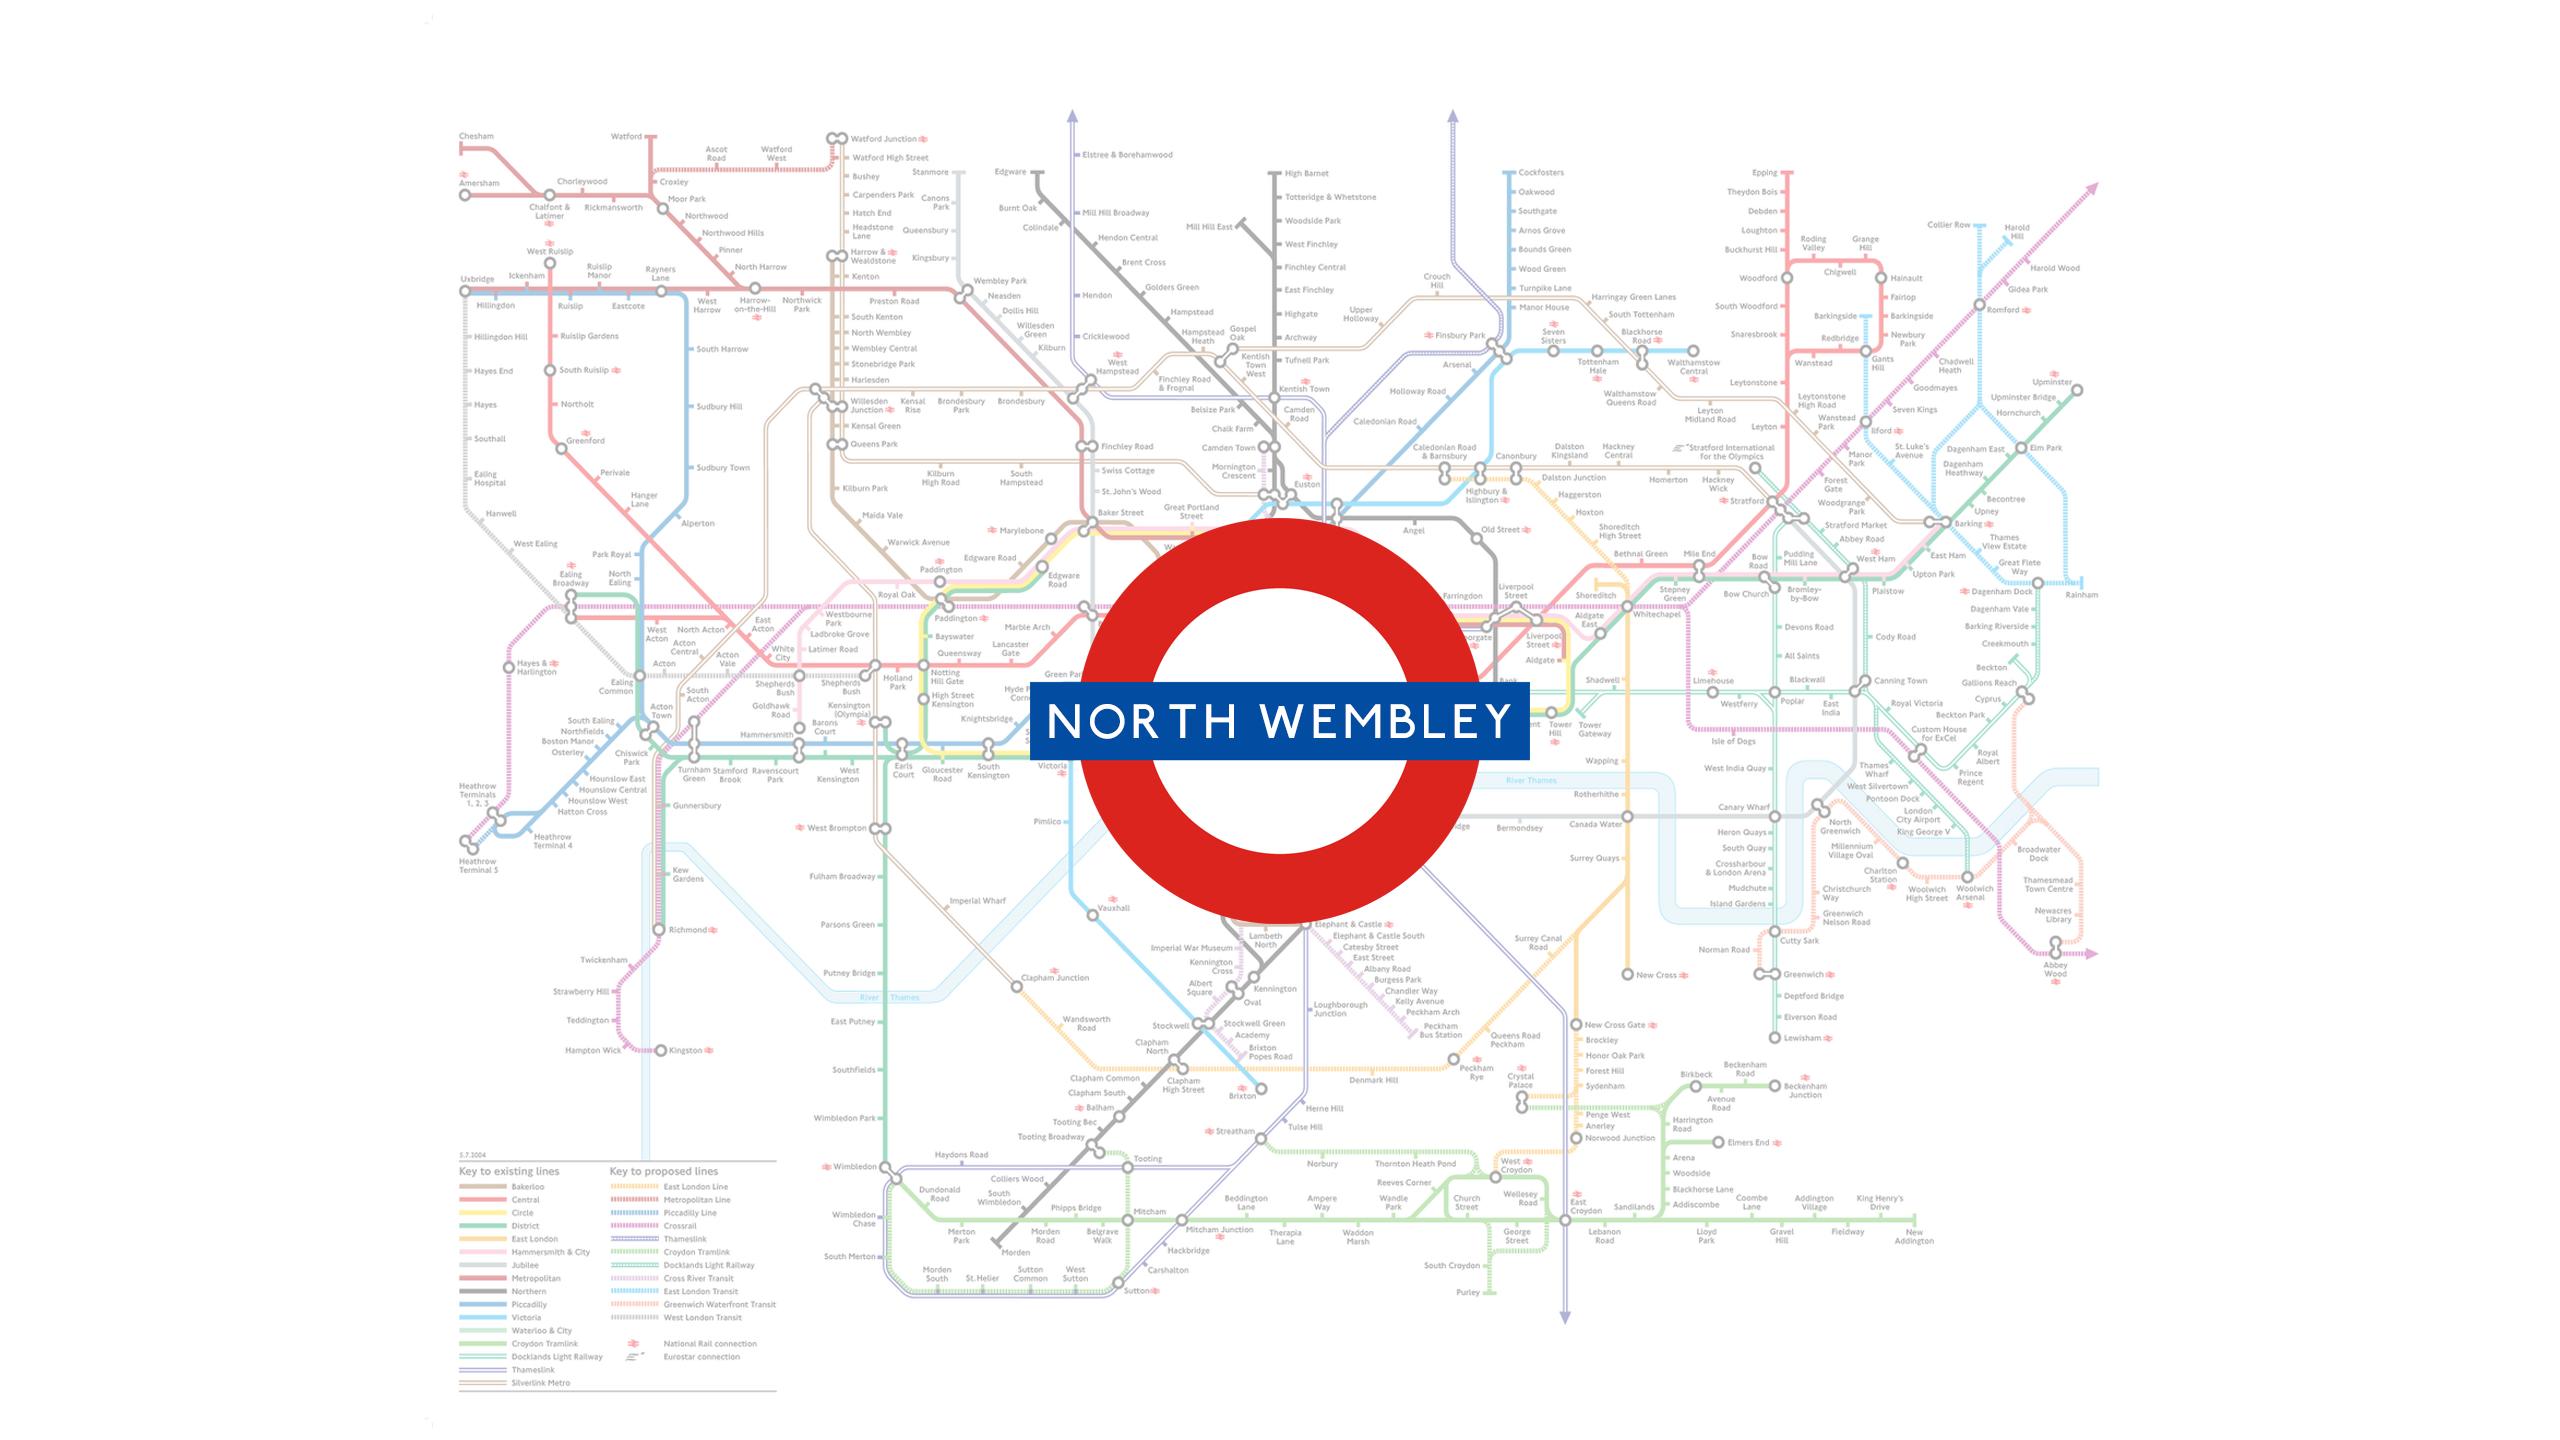 North Wembley (Map)